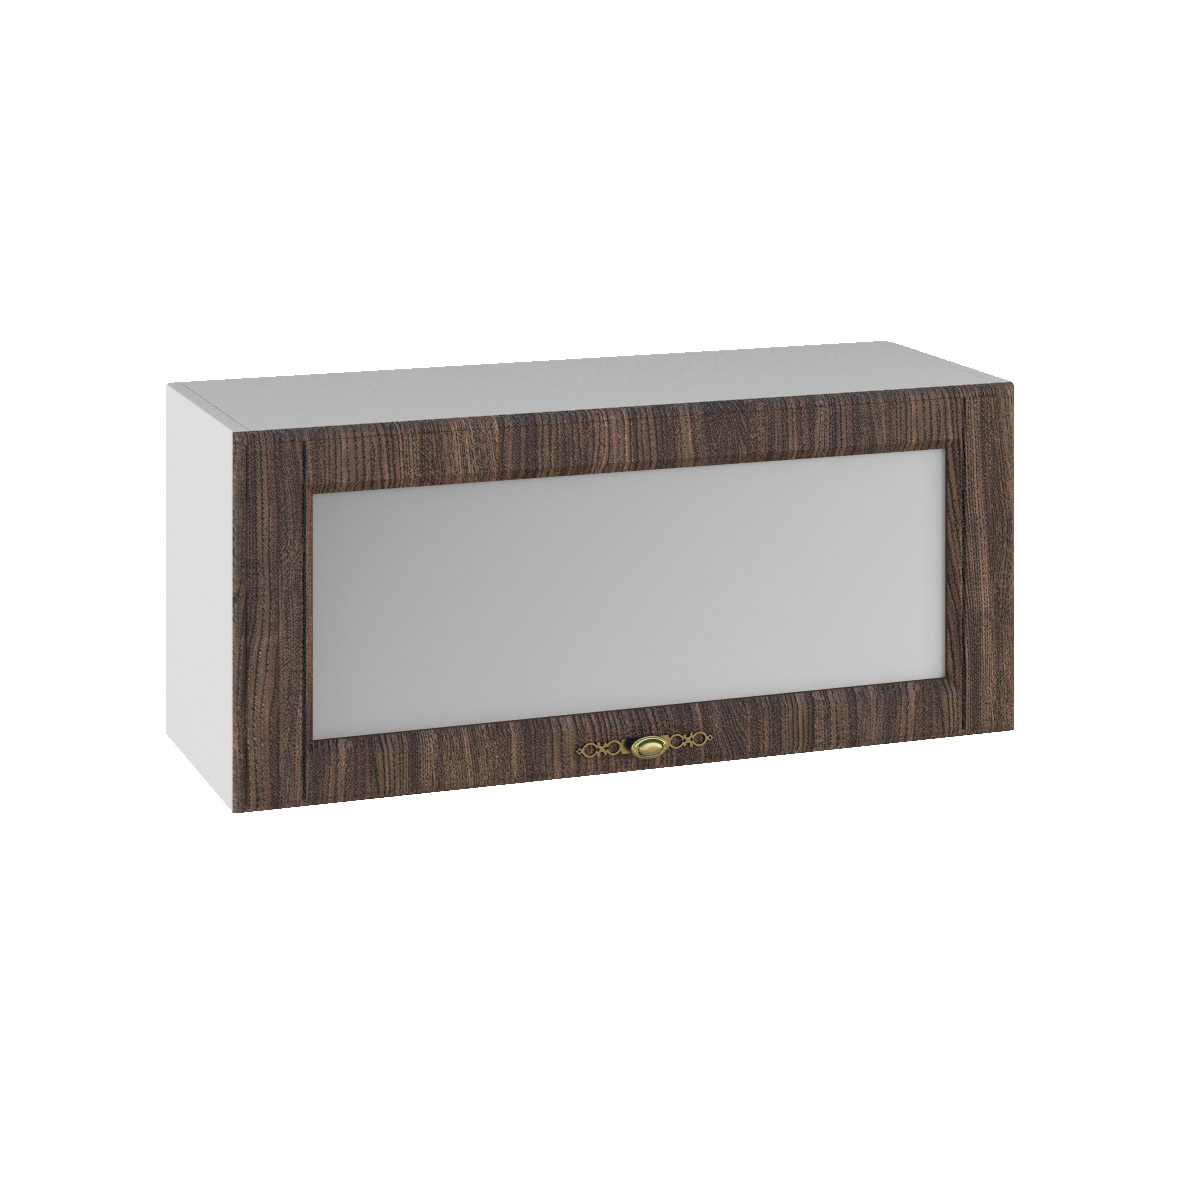 Кухня Империя ПГС 800 Шкаф верхний горизонтальный, стекло